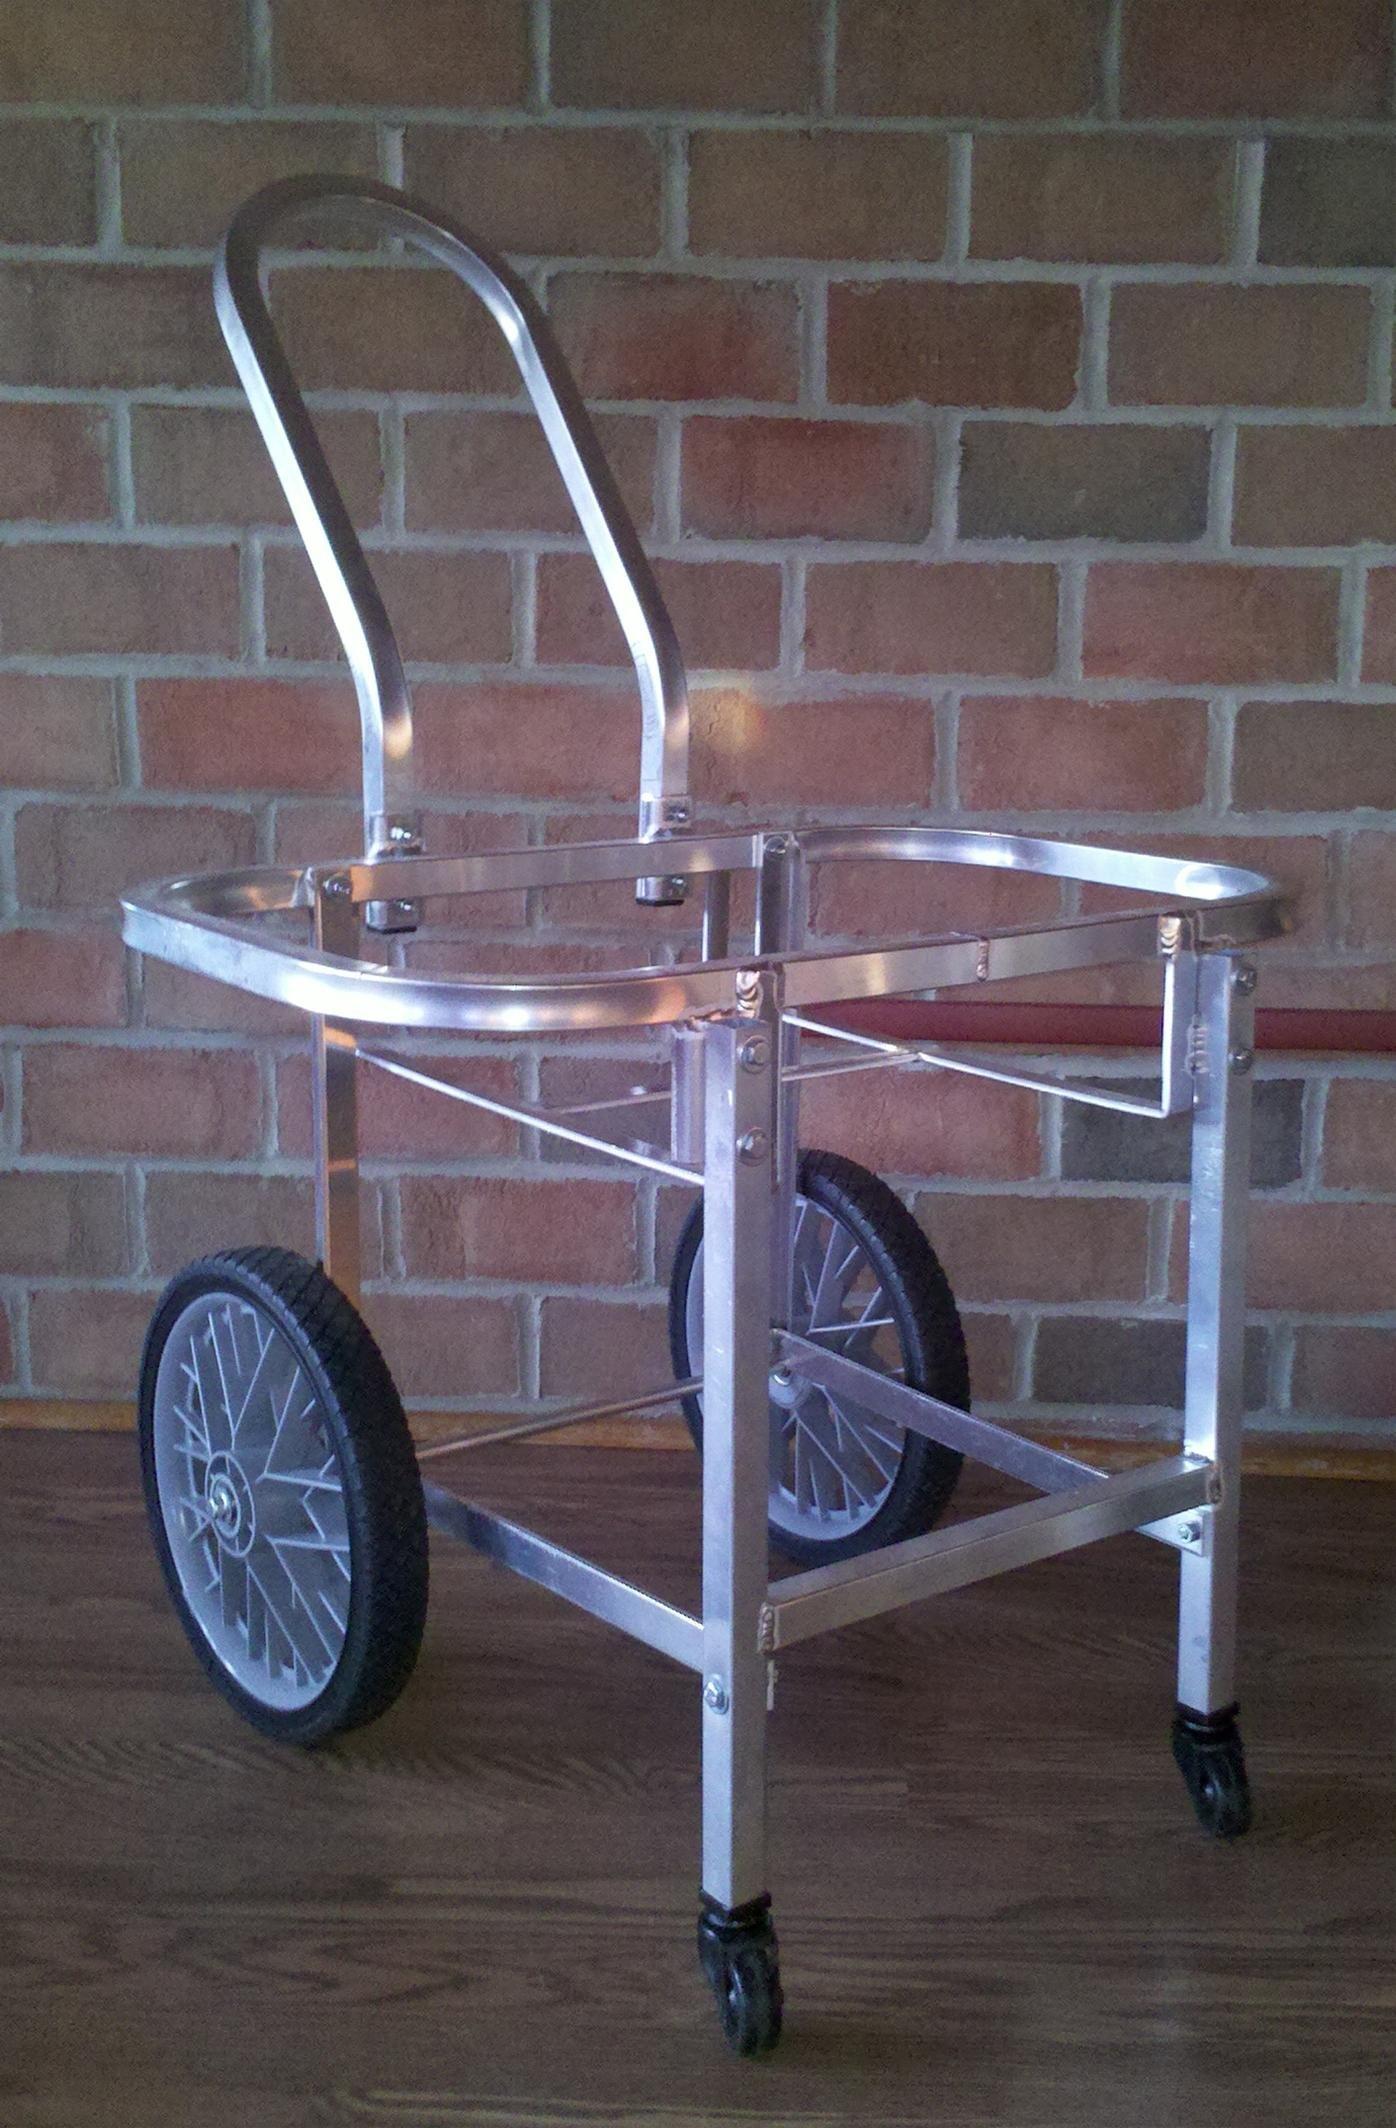 Aluminum Amish Built Laundry Cart w/Castors - Moves w/Ease!